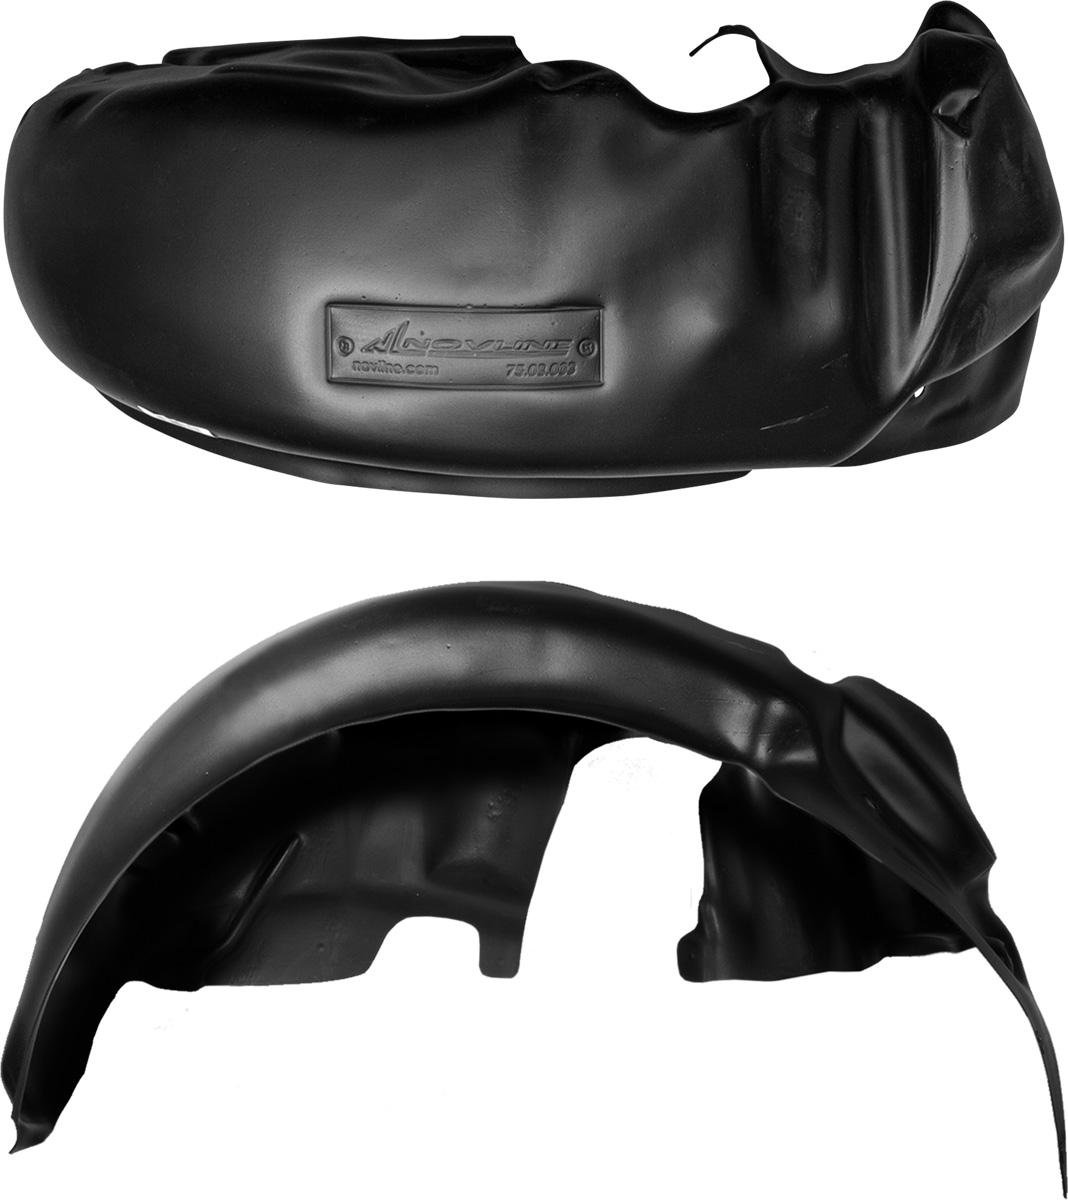 Подкрылок Novline-Autofamily, для Nissan Almera, 2012->, задний правыйNLL.36.37.004Колесные ниши - одни из самых уязвимых зон днища вашего автомобиля. Они постоянно подвергаются воздействию со стороны дороги. Лучшая, почти абсолютная защита для них - специально отформованные пластиковые кожухи, которые называются подкрылками. Производятся они как для отечественных моделей автомобилей, так и для иномарок. Подкрылки Novline-Autofamily выполнены из высококачественного, экологически чистого пластика. Обеспечивают надежную защиту кузова автомобиля от пескоструйного эффекта и негативного влияния, агрессивных антигололедных реагентов. Пластик обладает более низкой теплопроводностью, чем металл, поэтому в зимний период эксплуатации использование пластиковых подкрылков позволяет лучше защитить колесные ниши от налипания снега и образования наледи. Оригинальность конструкции подчеркивает элегантность автомобиля, бережно защищает нанесенное на днище кузова антикоррозийное покрытие и позволяет осуществить крепление подкрылков внутри колесной арки практически без дополнительного крепежа и сверления, не нарушая при этом лакокрасочного покрытия, что предотвращает возникновение новых очагов коррозии. Подкрылки долговечны, обладают высокой прочностью и сохраняют заданную форму, а также все свои физико-механические характеристики в самых тяжелых климатических условиях (от -50°С до +50°С).Уважаемые клиенты!Обращаем ваше внимание, на тот факт, что подкрылок имеет форму, соответствующую модели данного автомобиля. Фото служит для визуального восприятия товара.